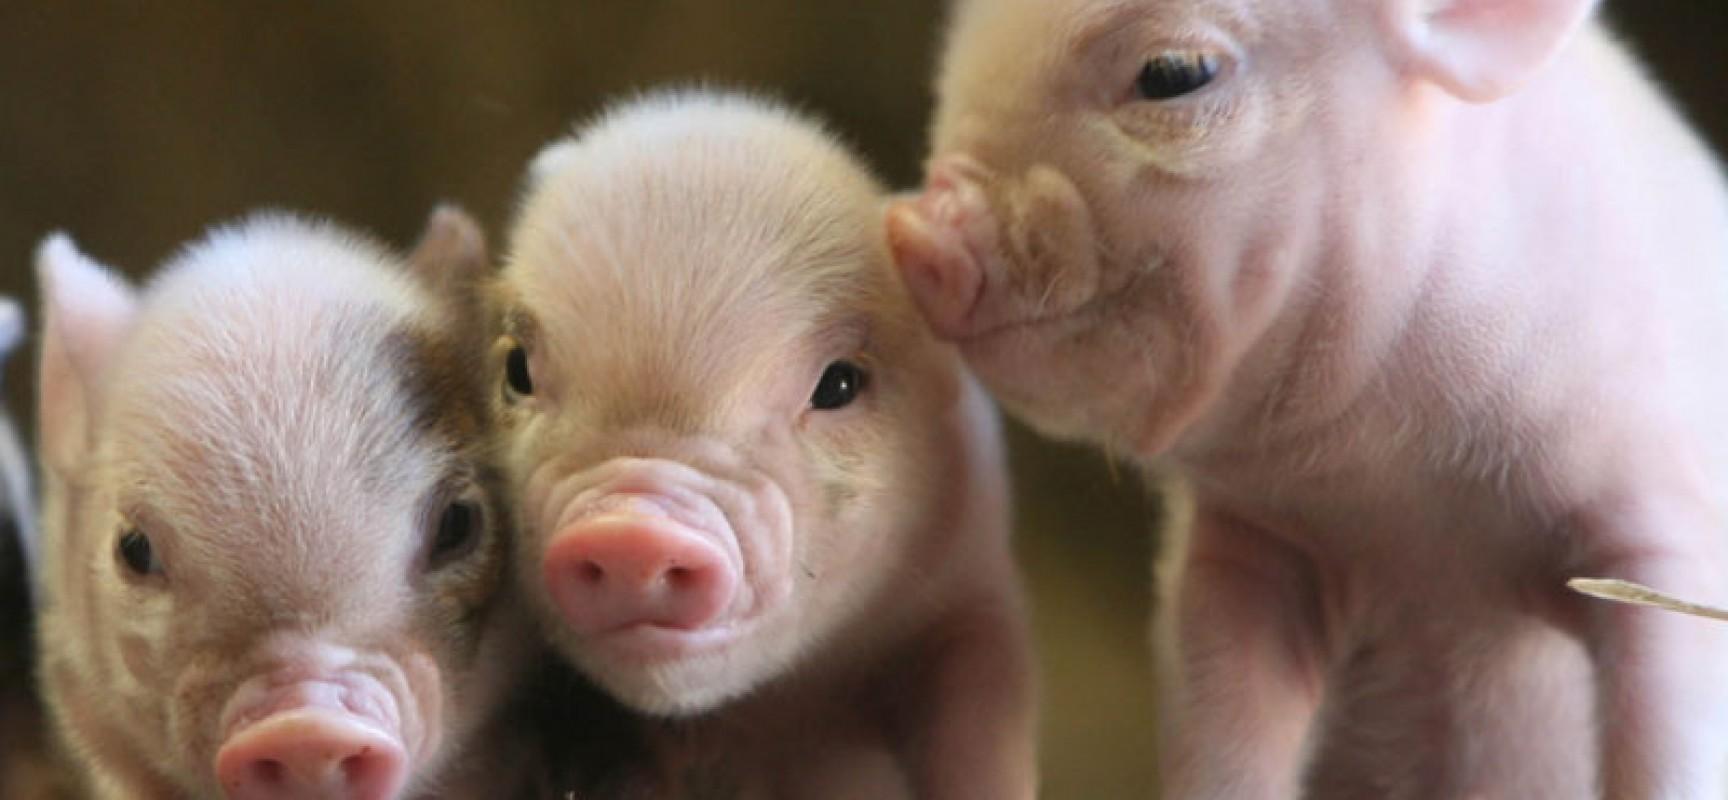 Грязная маленькая свинка предупреждает о том, что около вас вьются ненадежные люди, которые красиво говорят, но мало делают.